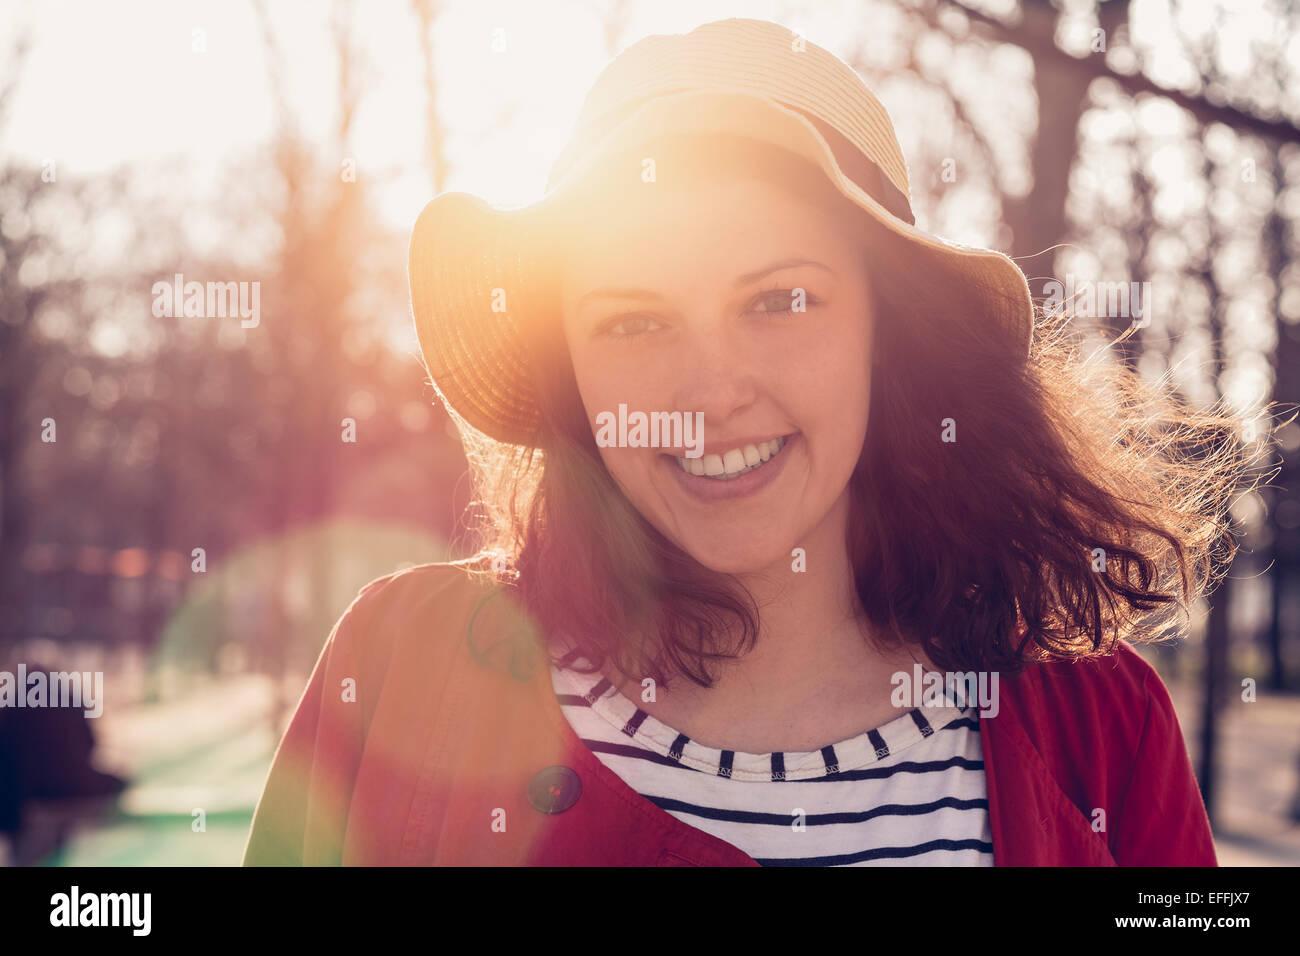 Ritratto di una giovane donna a Parigi Immagini Stock